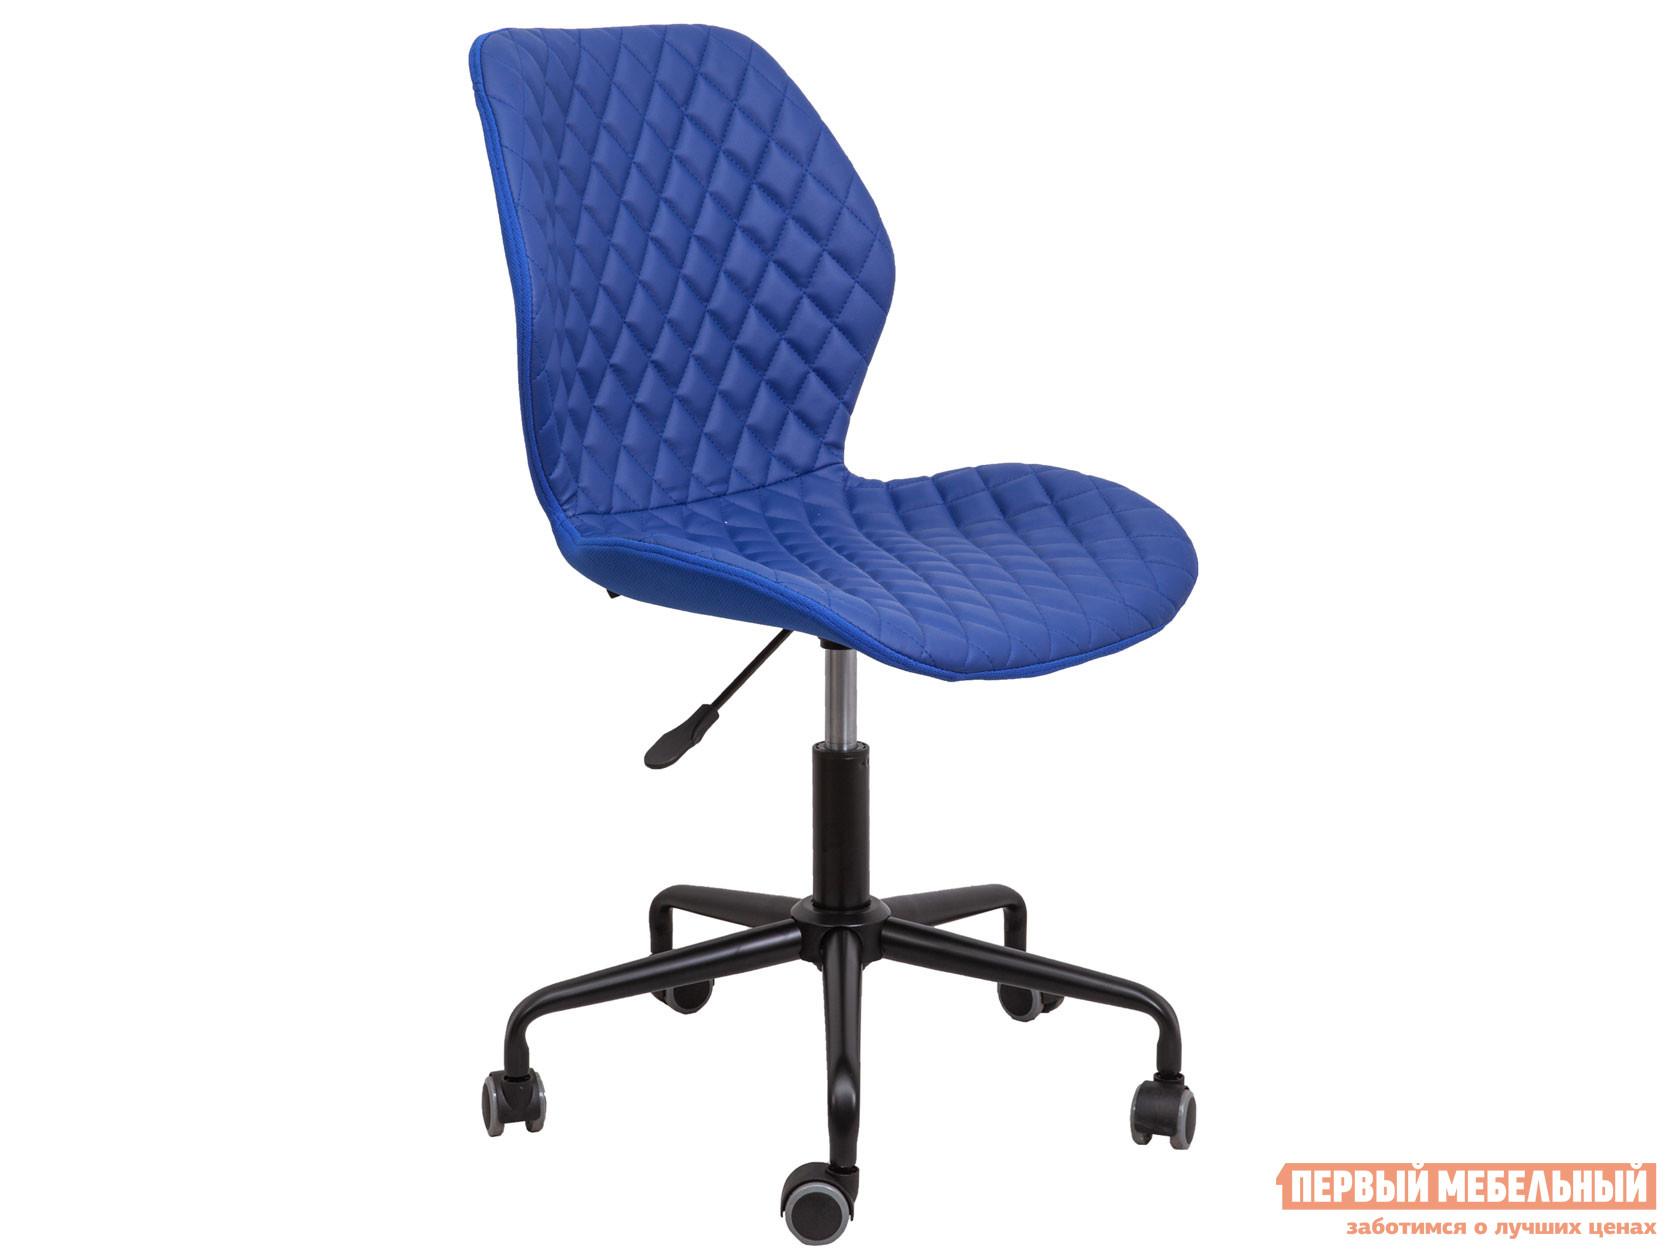 Офисное кресло  DELFIN Синий, экокожа, ткань Sedia 118008